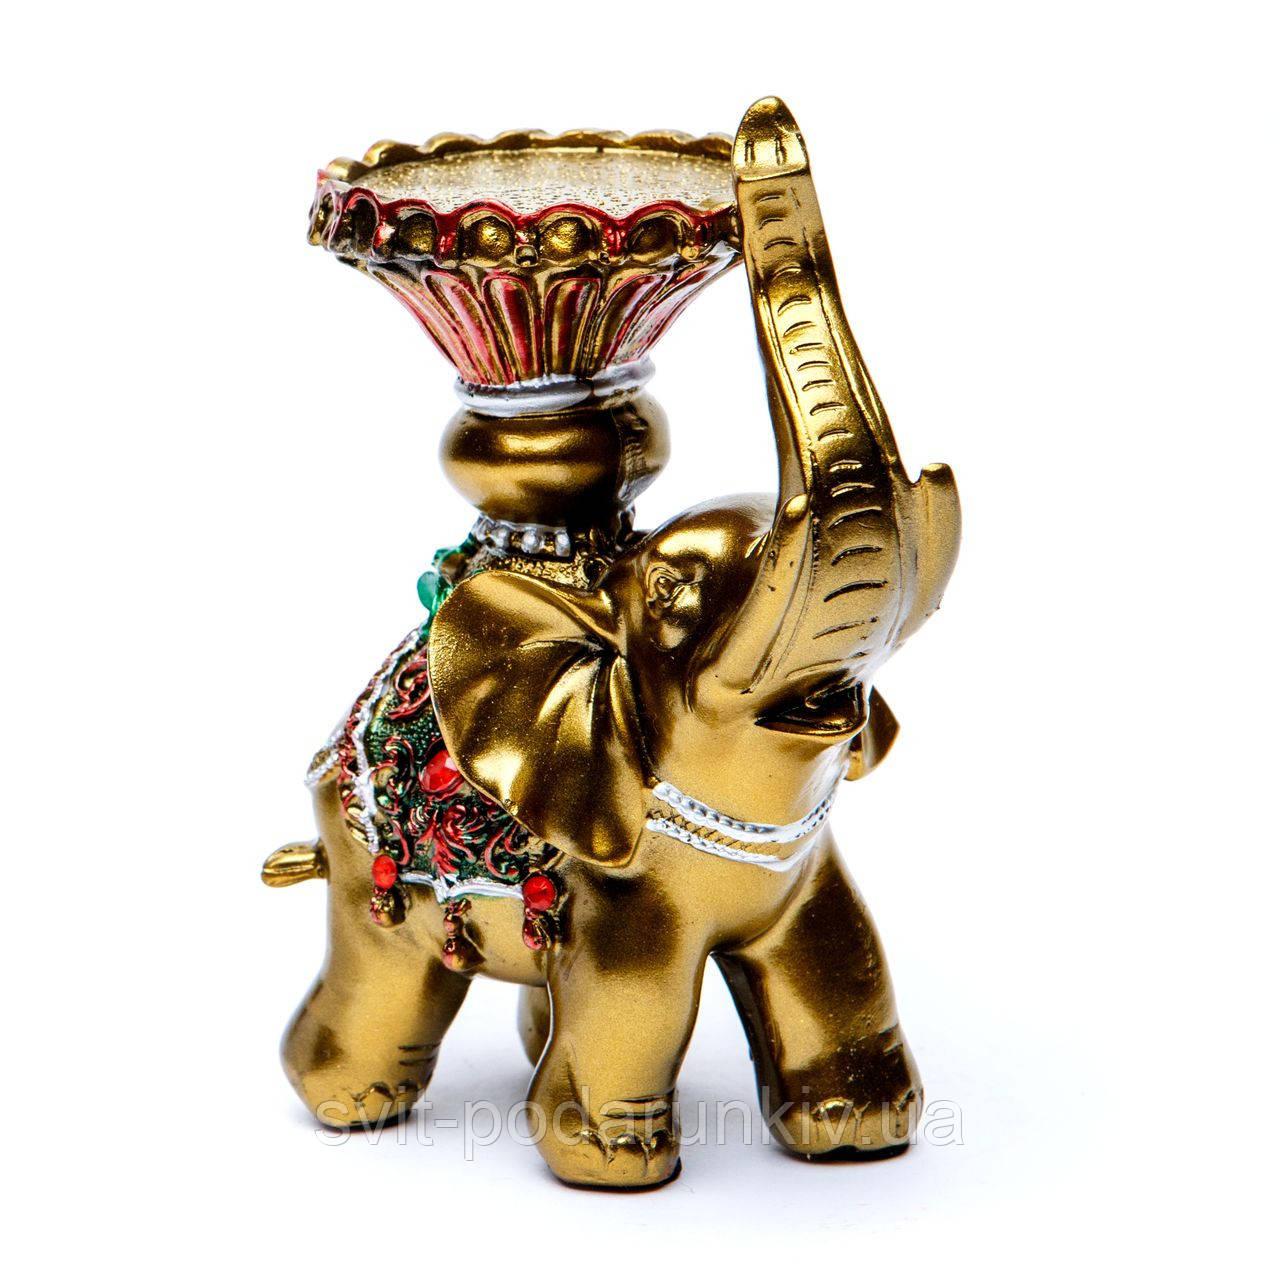 Подсвечник статуэтка слон S4519